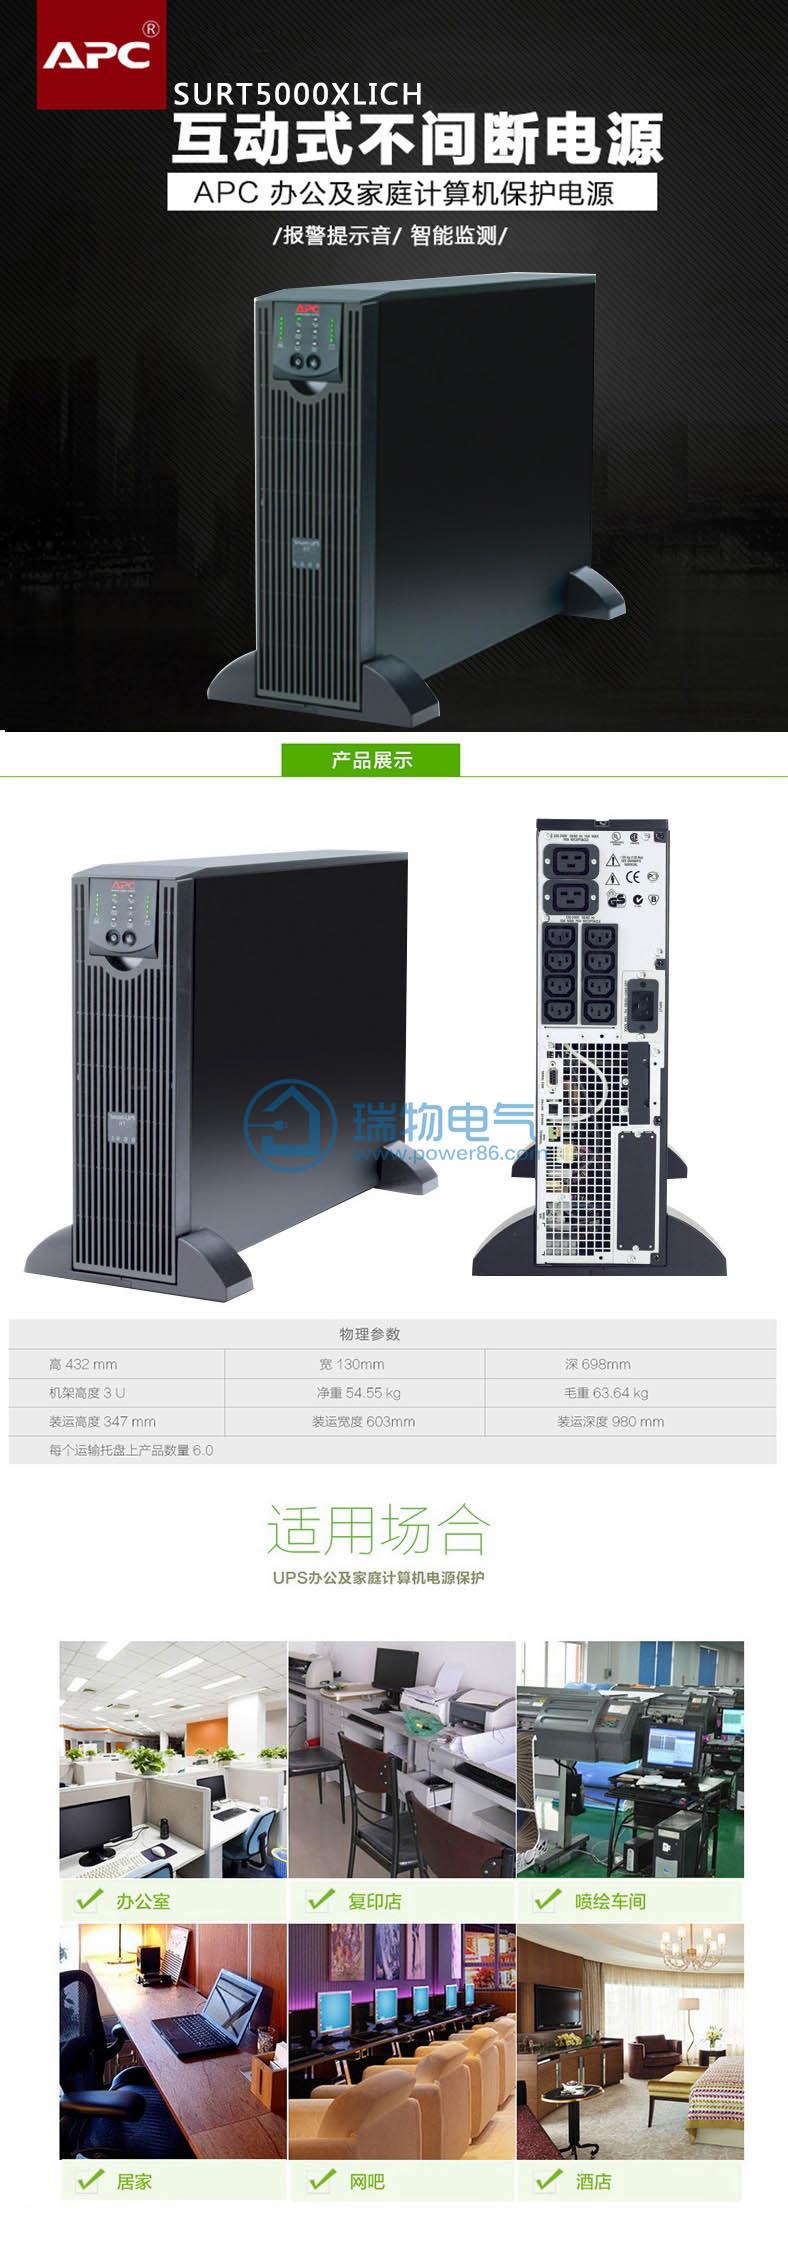 产品介绍http://www.power86.com/rs1/ups/14/132/76/76_c0.jpg